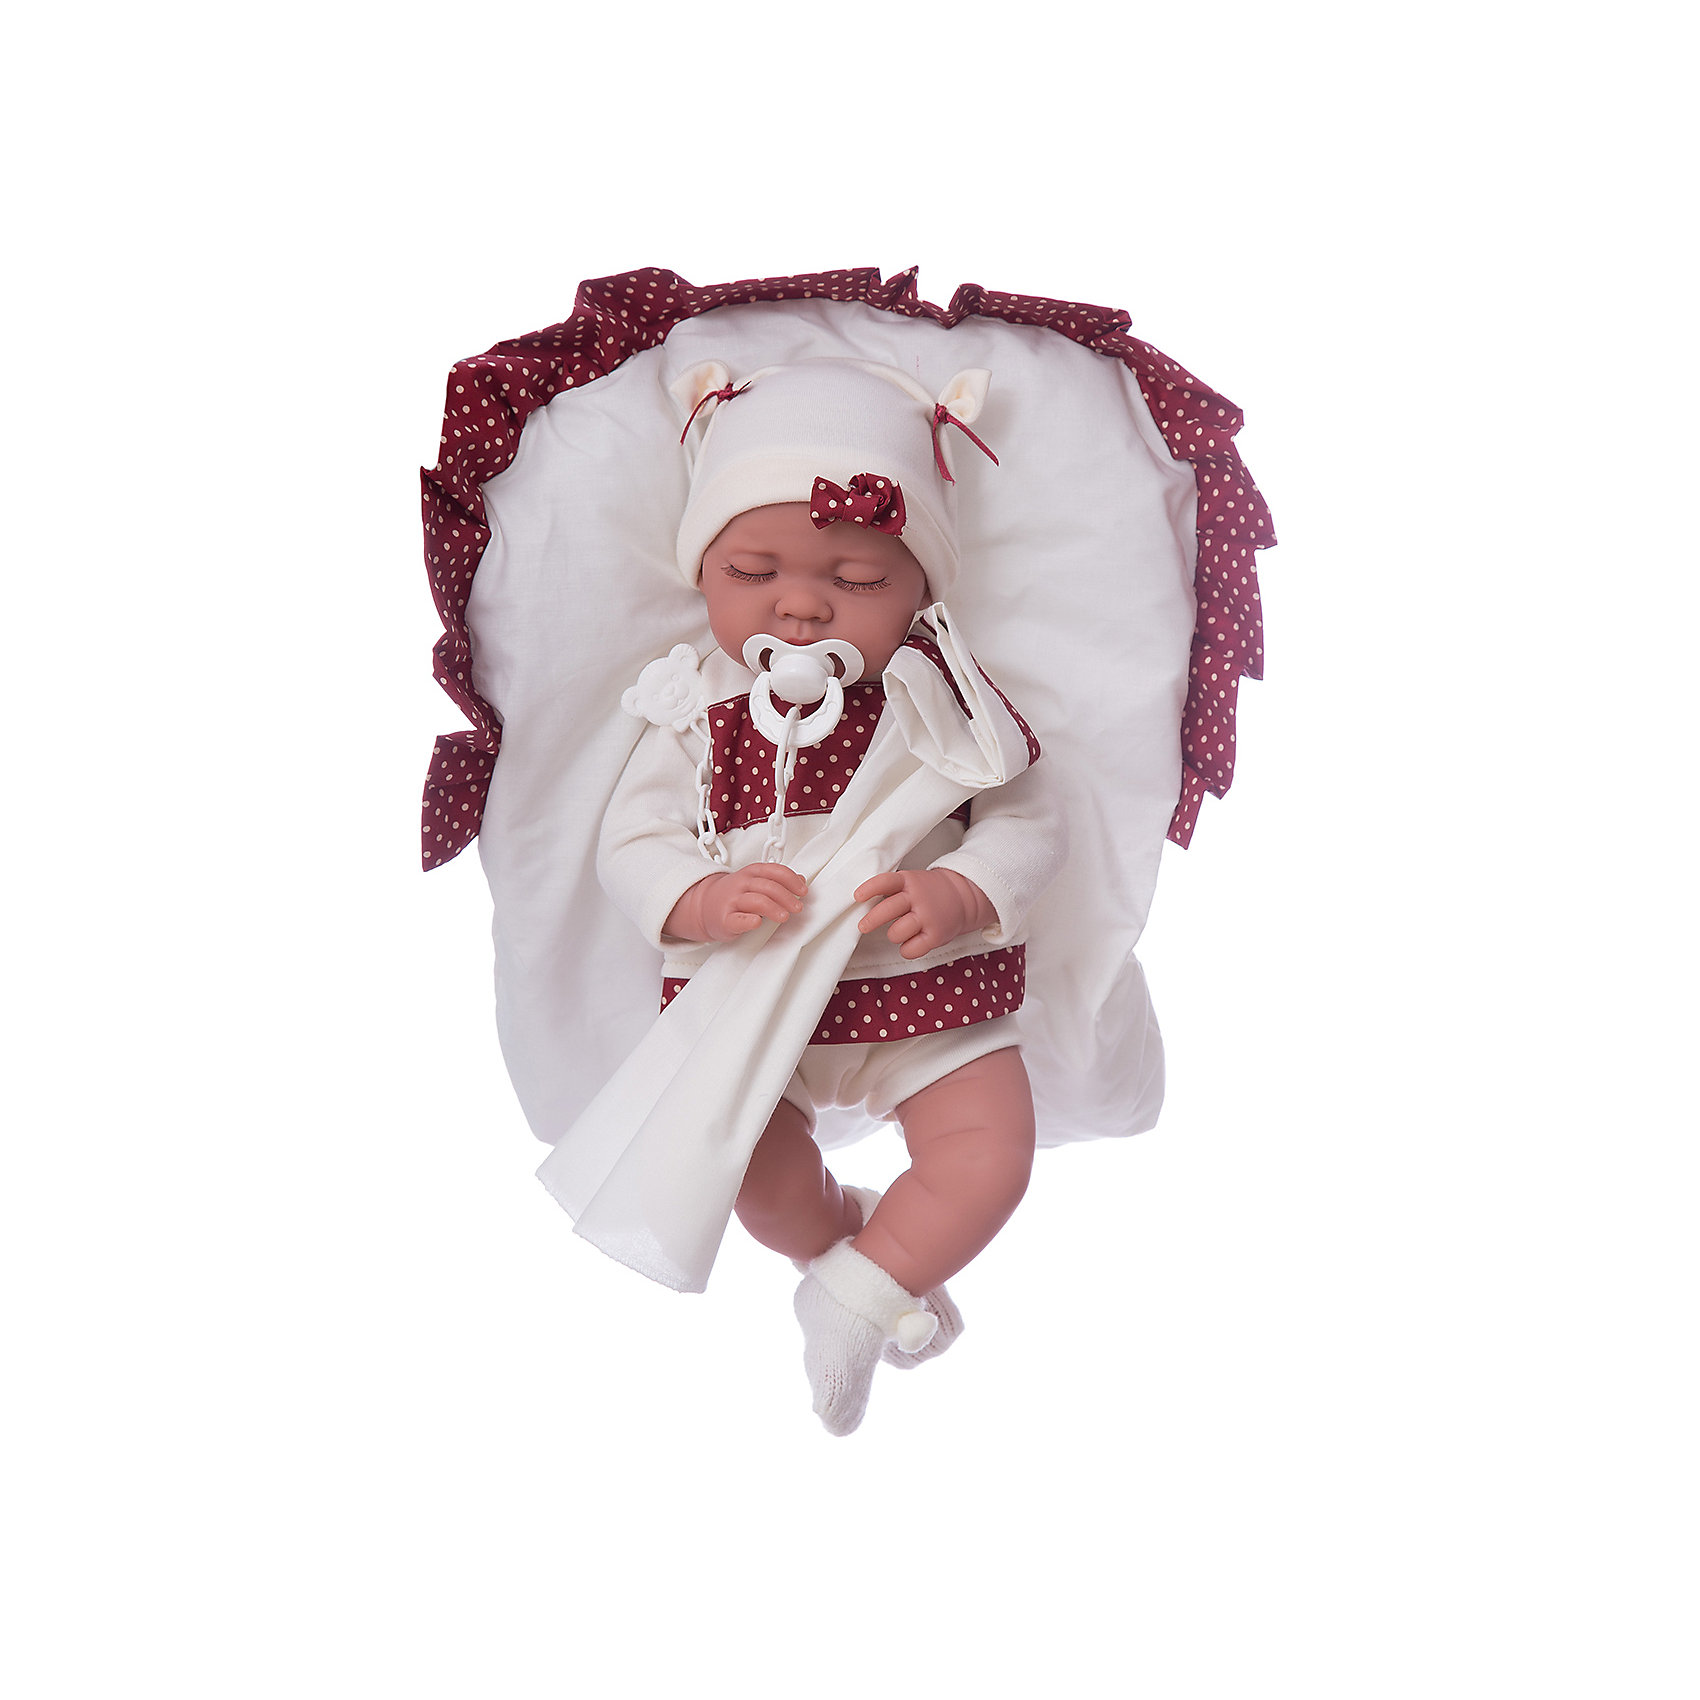 Кукла Рамона в гранатовом, 40смКлассические куклы<br>Кукла Рамона в гранатовом, 40 см, Munecas Antonio Juan (Мунекас от Антонио Хуан) ? это очаровательная спящая малышка от всемирно известного испанского бренда Мунекас от Антонио Хуан, который знаменит своими реалистичными куклами. Кукла изготовлена из винила высшего качества, ее тело ? мягконабивное, ручки и ножки подвижны, голова поворачивается в стороны. <br>Нежные черты лица, розовые щечки, пухленькие губки, курносый носик и расслабленное выражение лица ? что может быть лучше спящего малыша? Если Рамоне нажать на животик, она начинает по-детски лепетать. Замолчит малышка только после того, как ей дадут соску.<br>Кукла Рамона в гранатовом, 40 см, Munecas Antonio Juan (Мунекас от Антонио Хуан) разработана с учетом анатомических особенностей и мимики младенцев. Играя с пупсом, ваш ребенок реалистично проживает роль «мамы», учится ухаживать за малышом, заботиться о нем.<br>У малышки Рамоны стильный бело-гранатовый костюмчик, белые носочки и шапочка.<br>Куклы JUAN ANTONIO munecas (Мунекас от Антонио Хуан) ? мечта девочки любого возраста!<br><br>Дополнительная информация:<br><br>- Вид игр: сюжетно-ролевые игры <br>- Дополнительные функции: лепетание<br>- Комплектация: кукла, соска, подстилка<br>- Материал: пластик, винил, текстиль<br>- Высота куклы: 40 см<br>- Вес: 3 кг 700 г<br>- Батарейки: 3 шт. 3 LR44 (в комплекте)<br>- Особенности ухода: одежда ? ручная стирка, саму куклу мыть не рекомендуется <br><br>Подробнее:<br><br>• Для детей в возрасте: от 3 лет и до 6 лет<br>• Страна производитель: Испания<br>• Торговый бренд: JUAN ANTONIO munecas <br><br>Кукла Рамона в гранатовом, 40 см, Munecas Antonio Juan (Мунекас от Антонио Хуан) (Мунекас от Антонио Хуан) можно купить в нашем интернет-магазине.<br><br>Ширина мм: 505<br>Глубина мм: 265<br>Высота мм: 160<br>Вес г: 3700<br>Возраст от месяцев: 36<br>Возраст до месяцев: 72<br>Пол: Женский<br>Возраст: Детский<br>SKU: 4792888